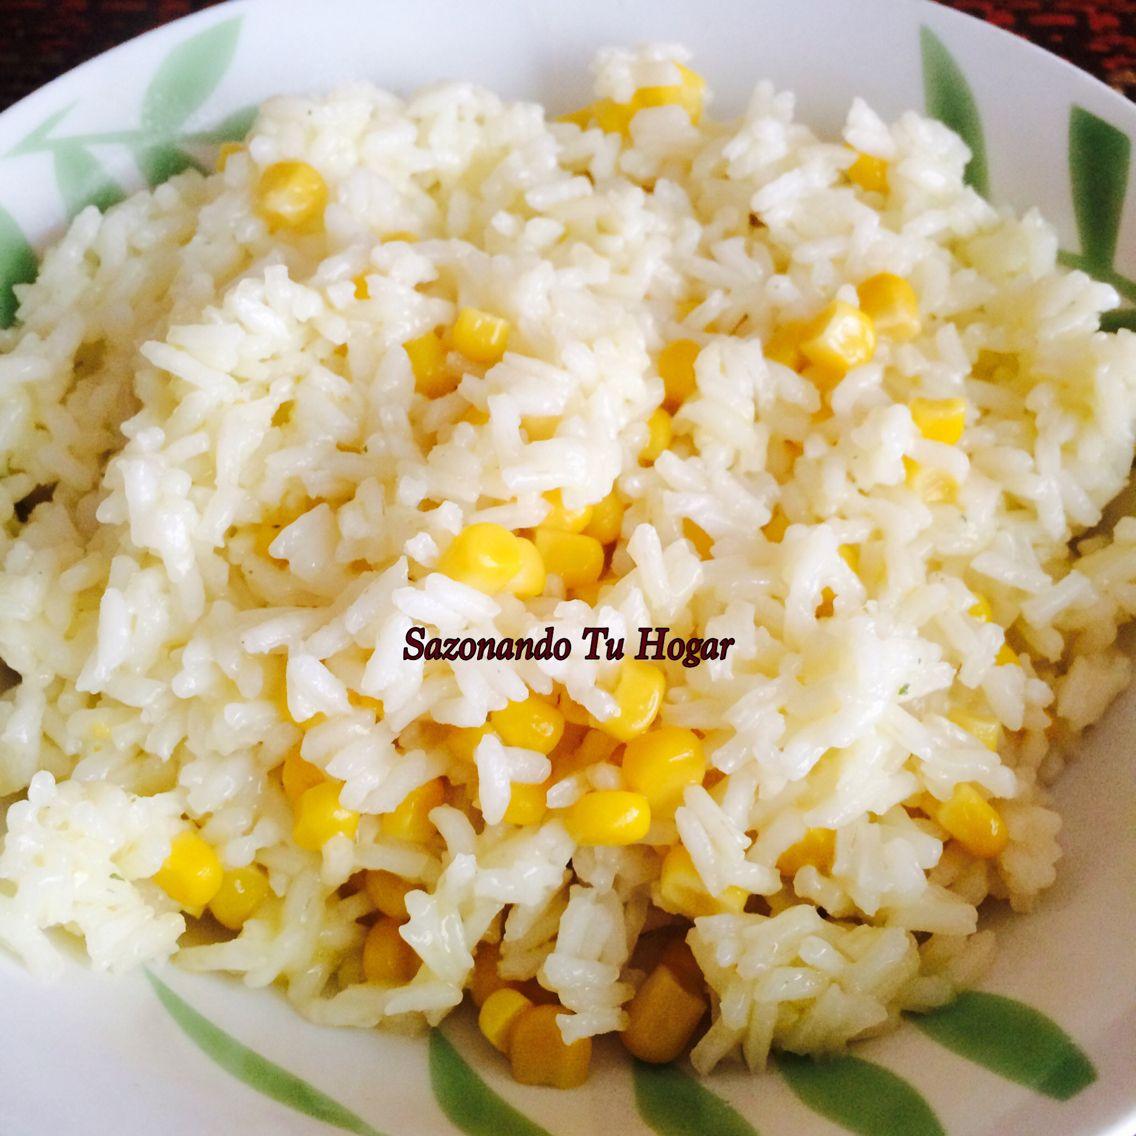 Arroz blanco con elote receta mary s cuellar comparte en for Cuchara para consome